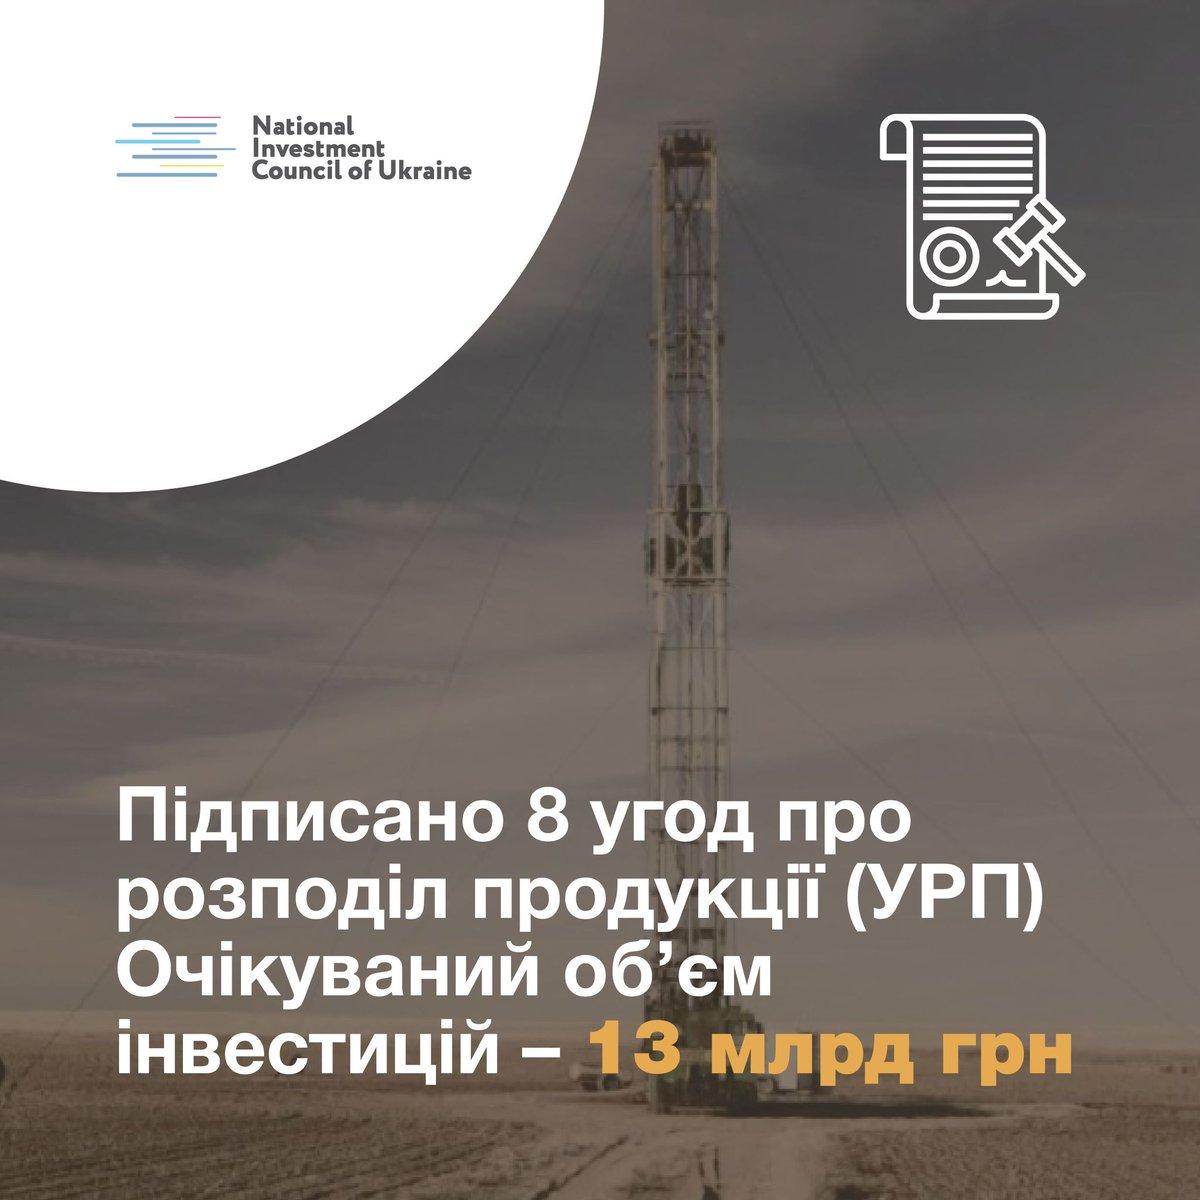 31 грудня 2020 року Кабінет міністрів України підписав угоди про розподіл продукції з 7 компаніями, які дадуть змогу залучити 12 млрд грн. 13 січня 2021 року було підписано ще одну угоду про розподіл продукції. Договір уклали на 50 років і на 1 етапі компанія інвестує 1 млрд грн. https://t.co/F7m496axJH